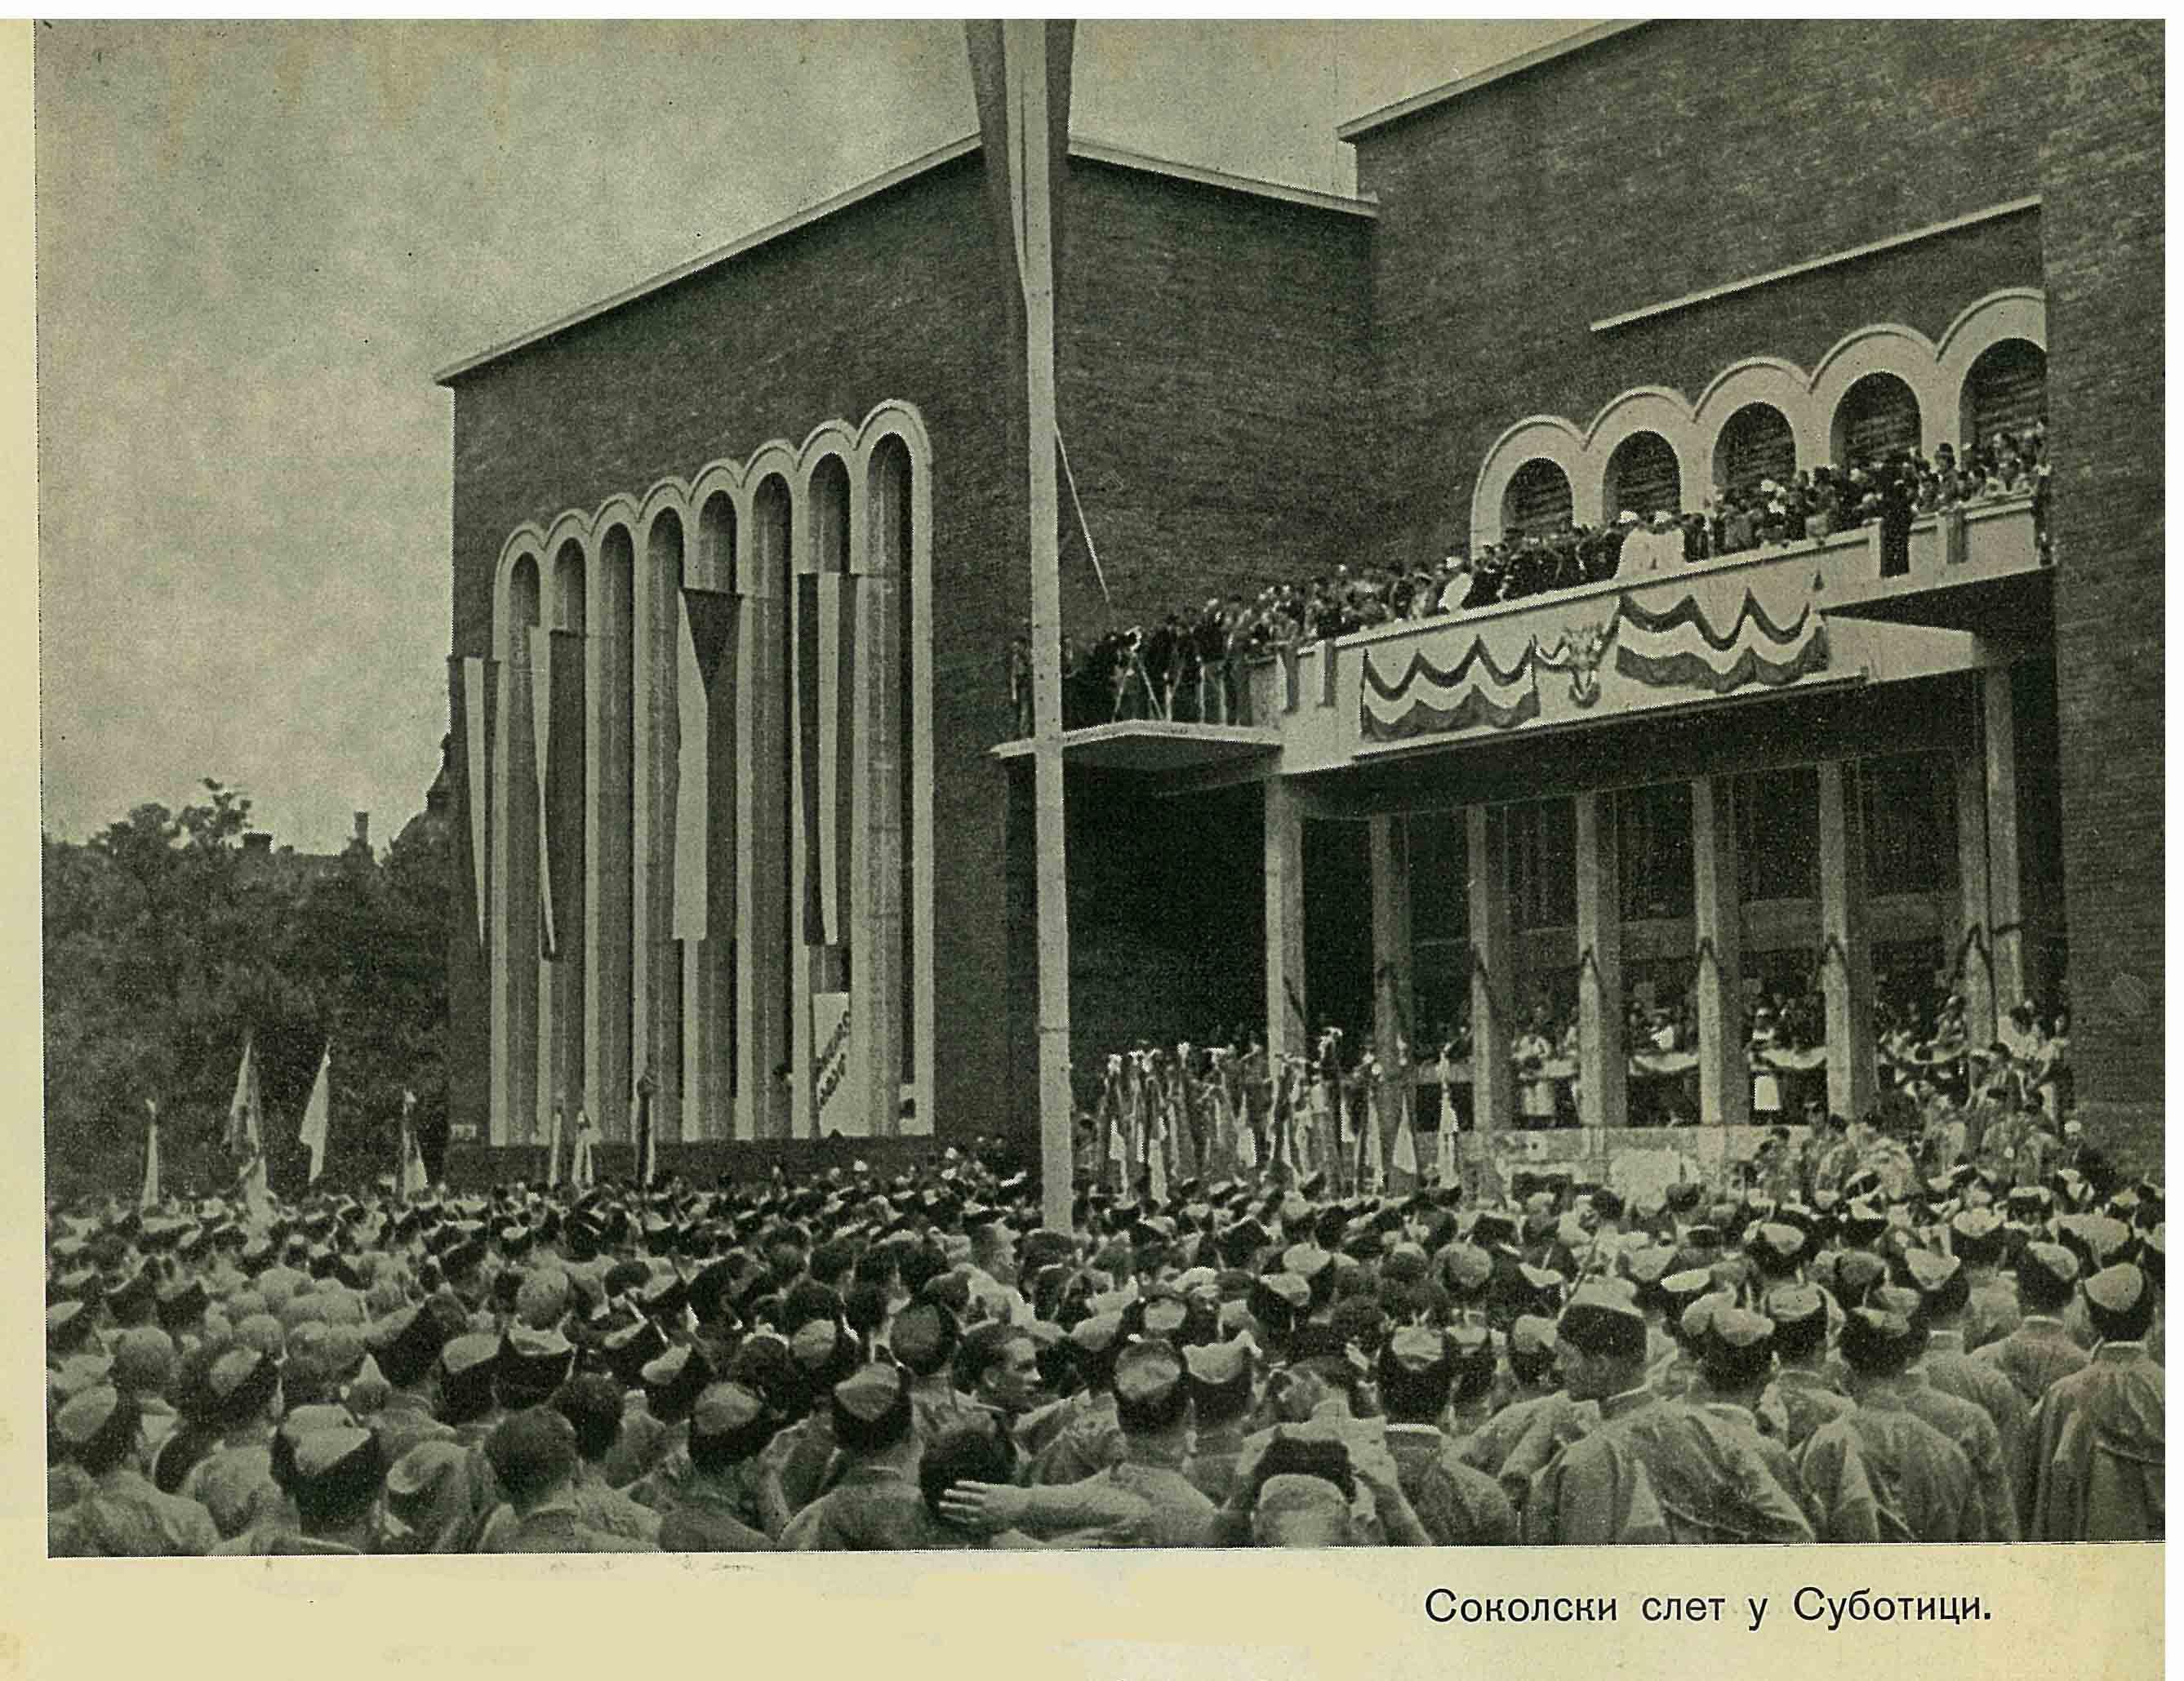 Slet u Subotici 1936. Godine